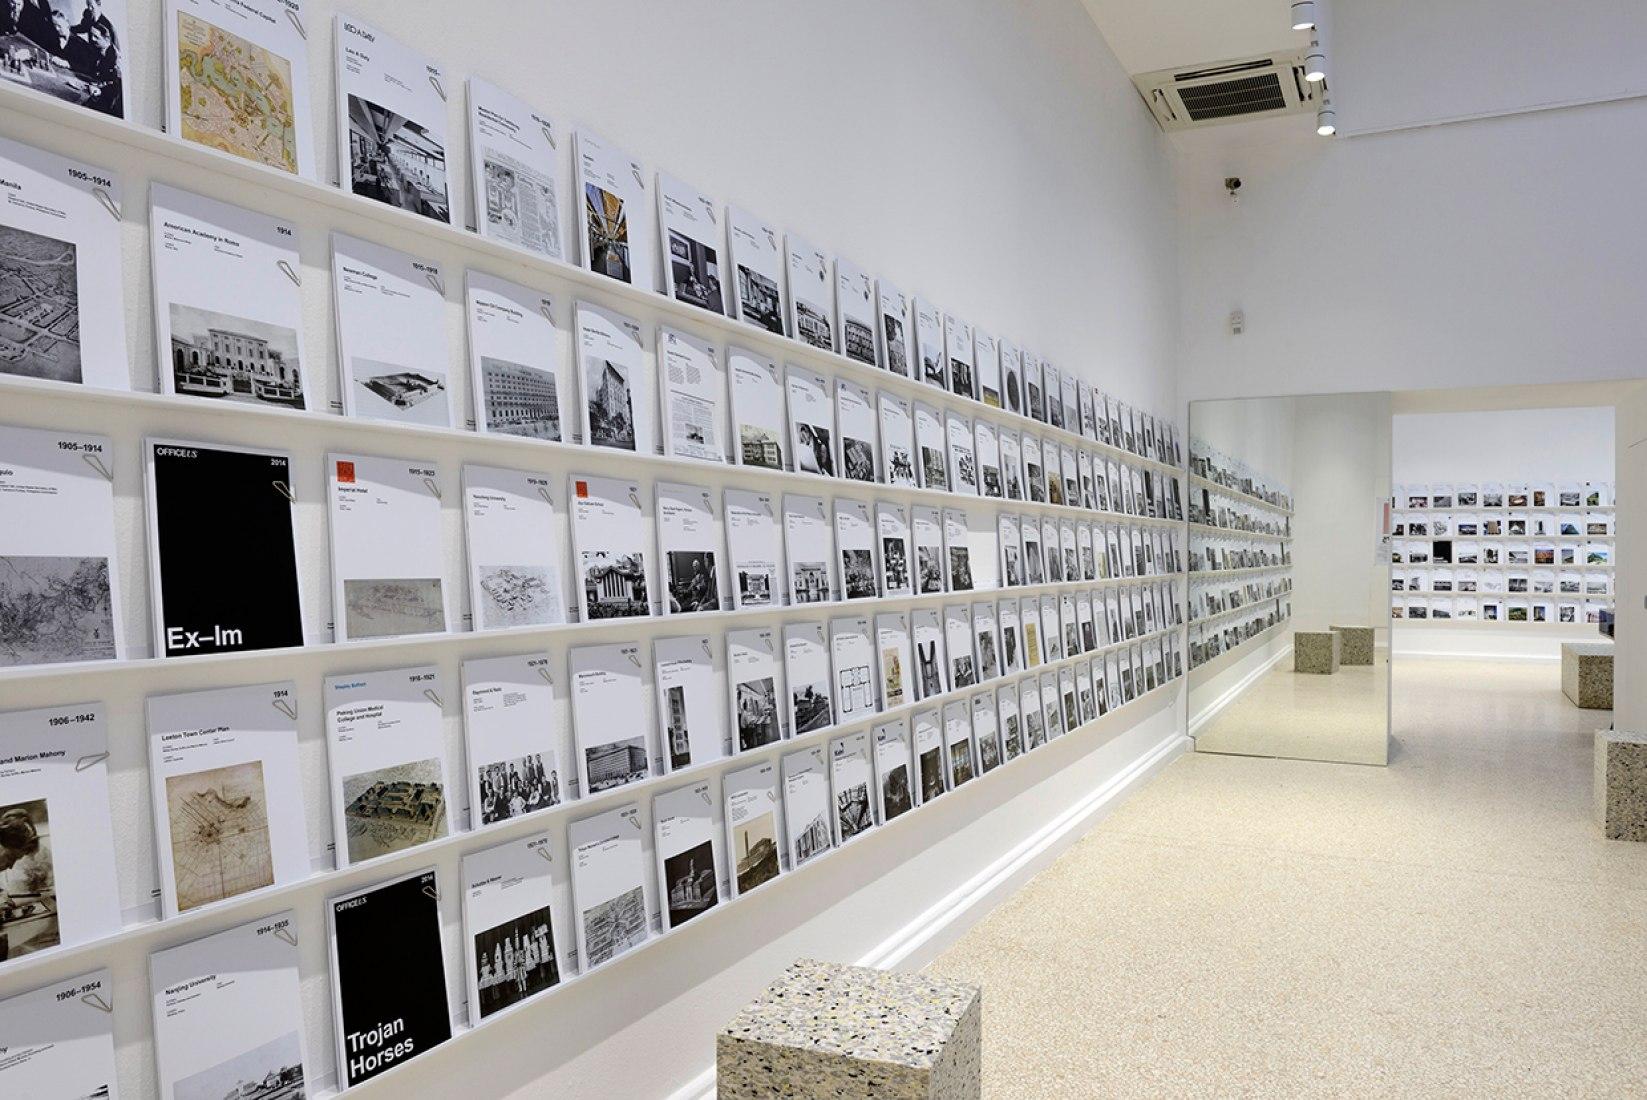 OFFICE US, Pabellón de Estados Unidos en la Bienal de Arquitectura de Venecia 2014. Fotografía © Andrea Avezzù. Cortesía de La Biennale di Venezia.